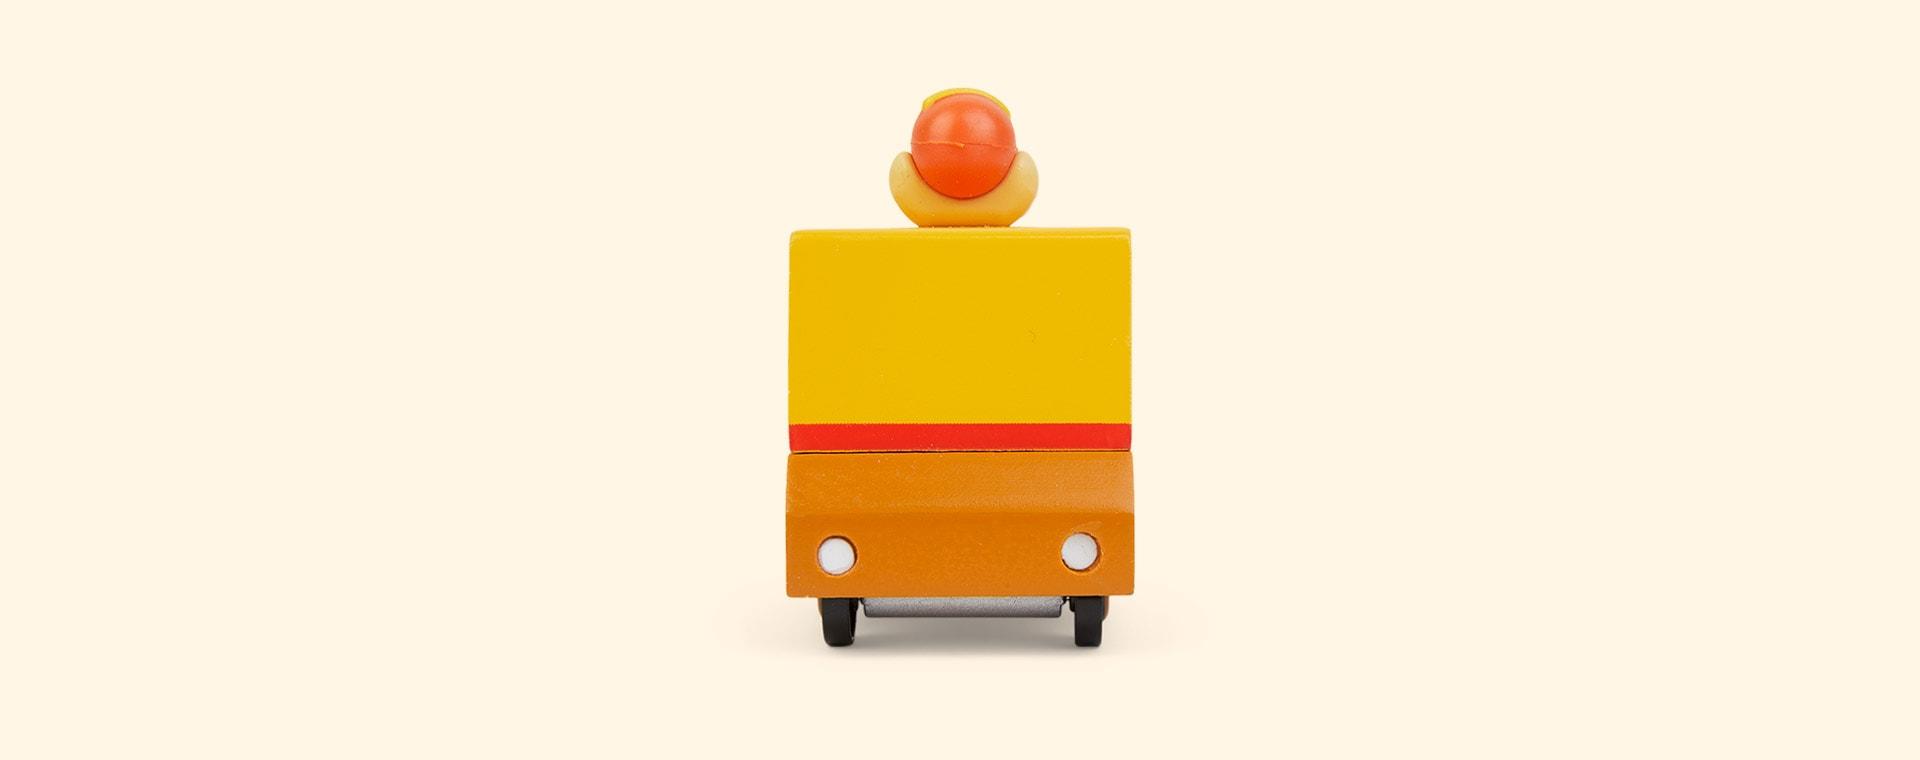 Orange Candylab Hot Dog Van